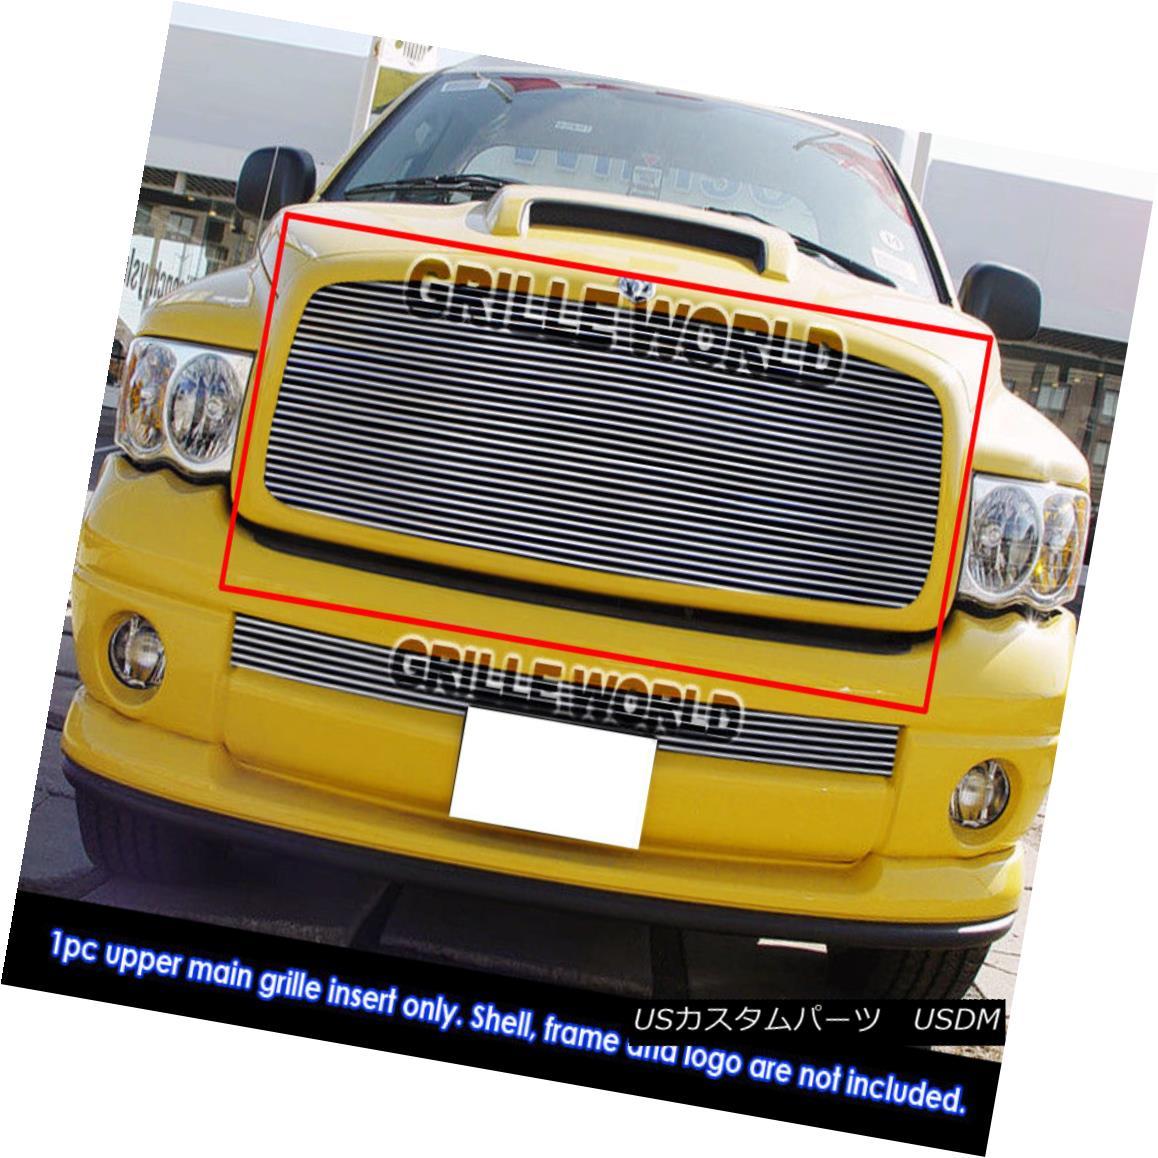 グリル For 02-05 Dodge Ram 1500/2500/3500 Billet Grille Insert 02-05 Dodge Ram 1500/2500/3500用ビレットグリルインサート